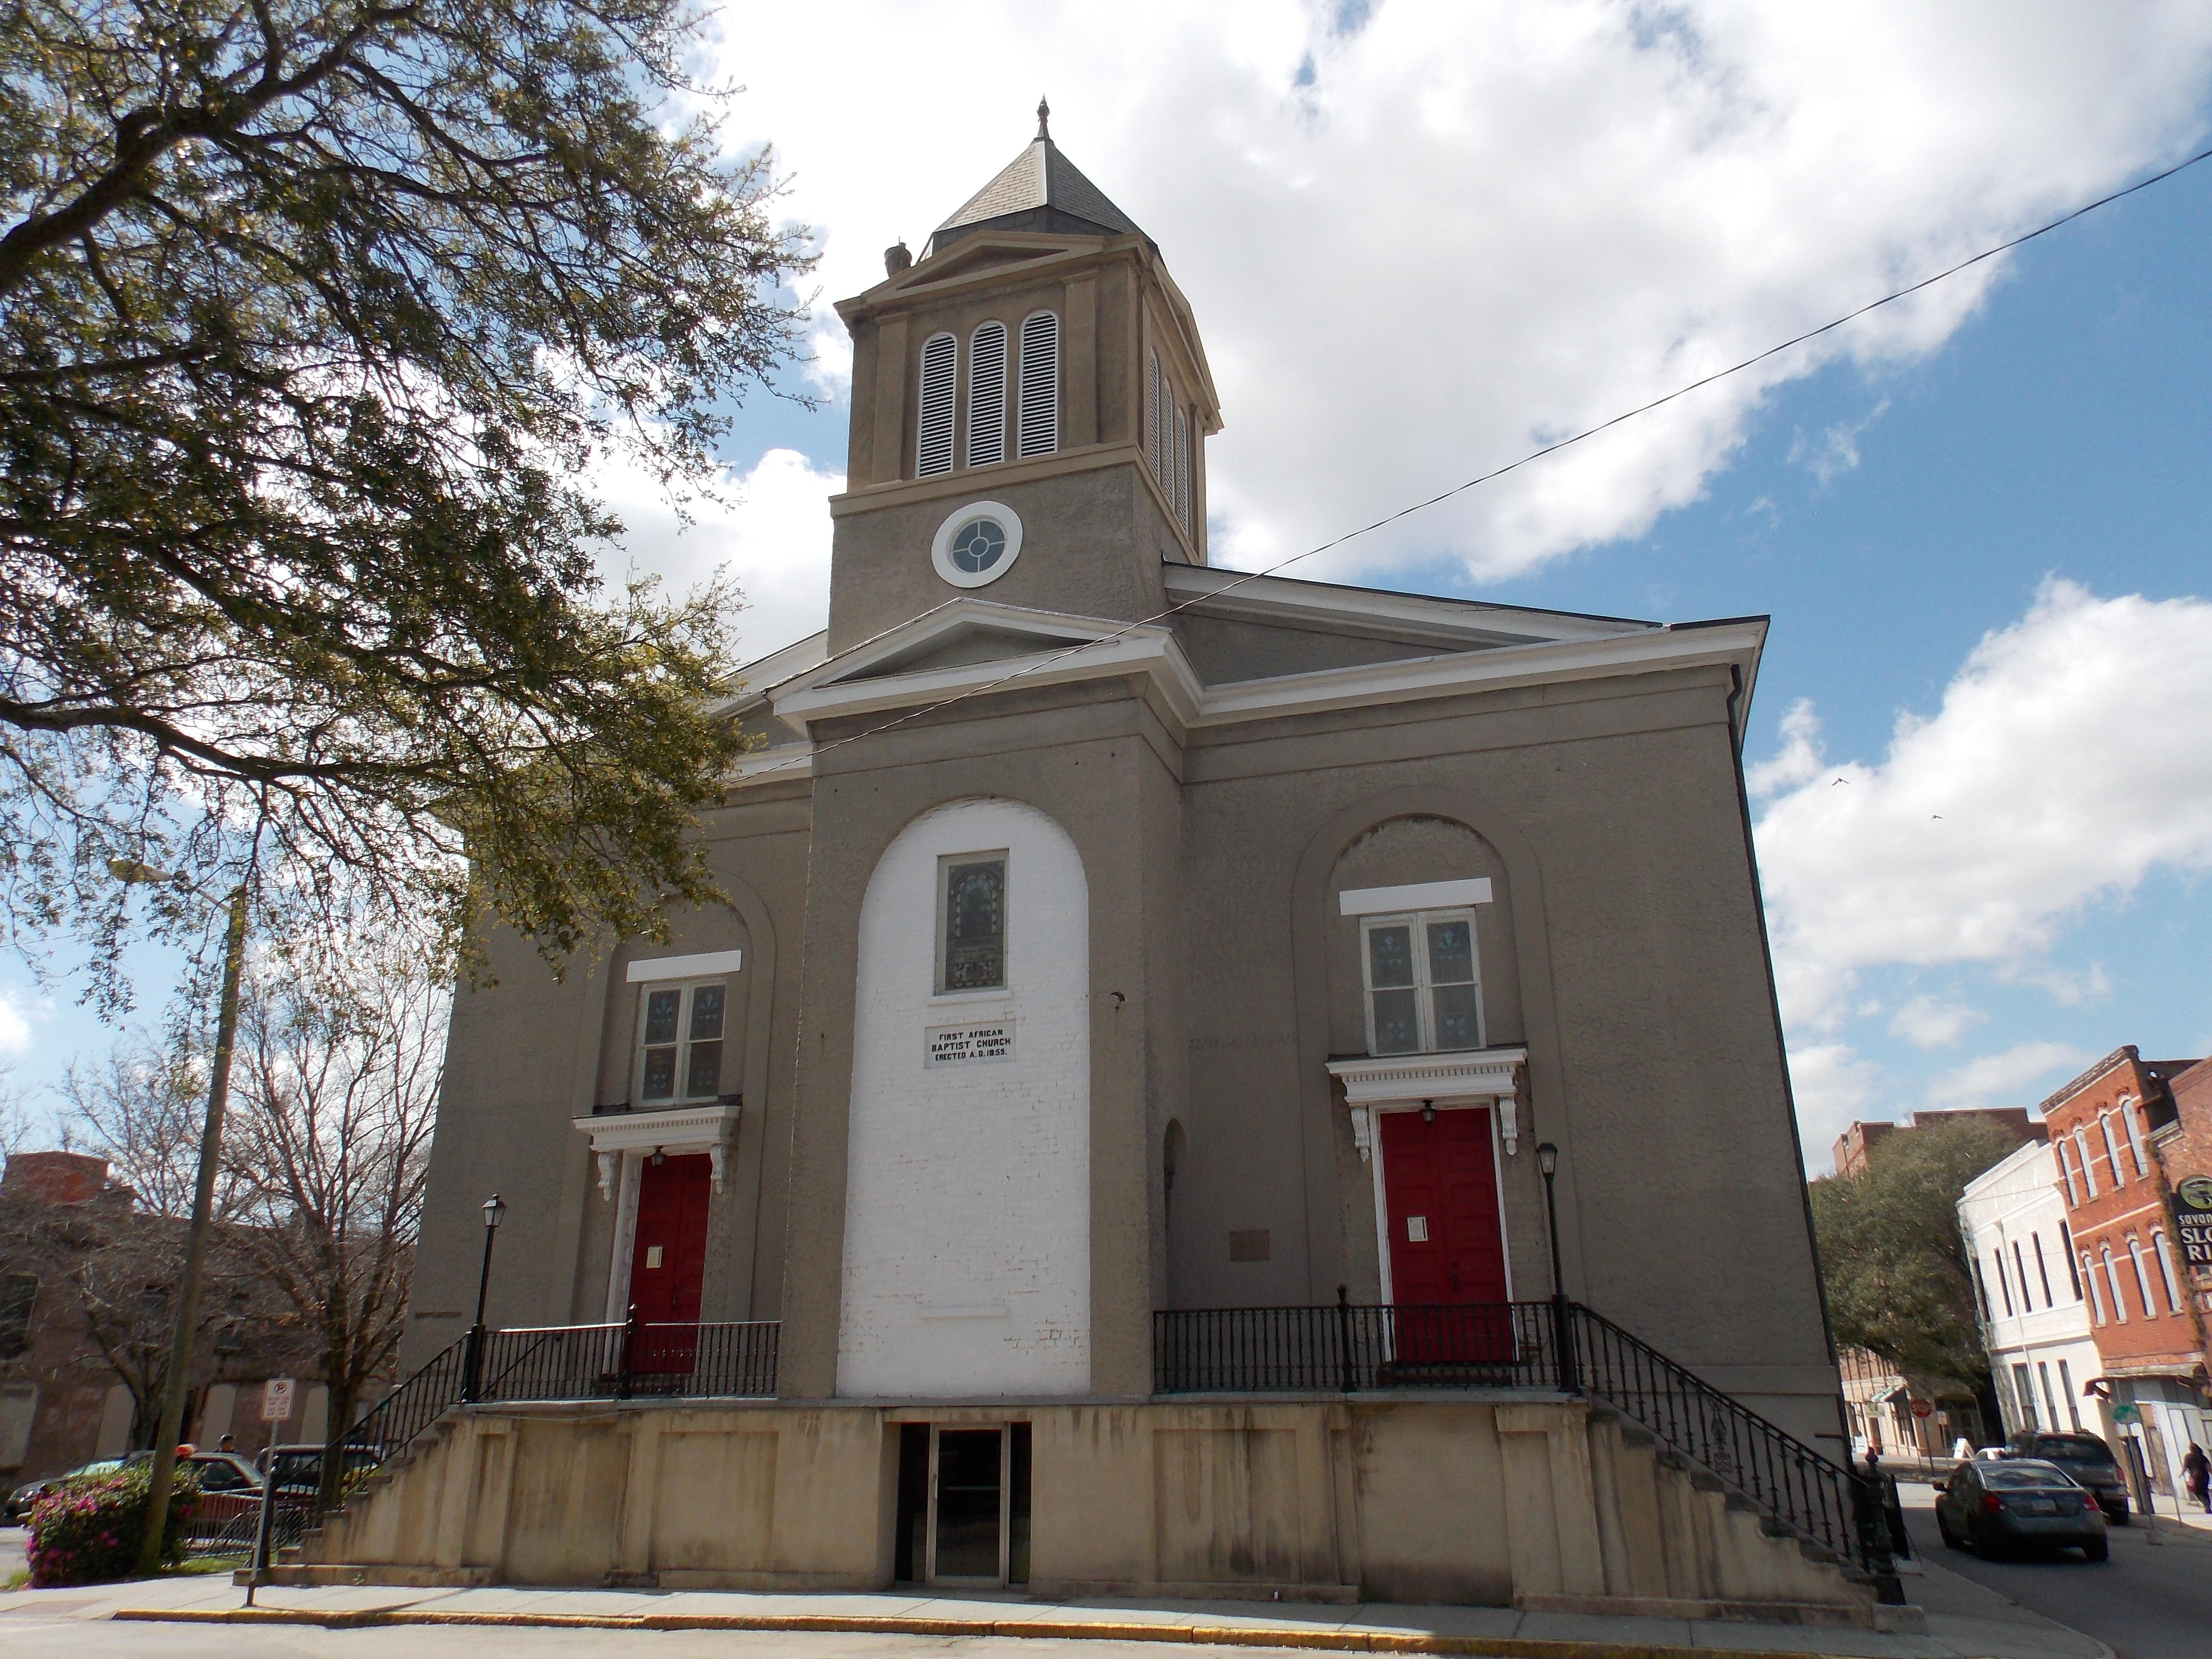 Wonderful Baptist Church In Savannah Ga #1: First_African_Baptist_Church_-_Savannah%2C_Georgia.JPG